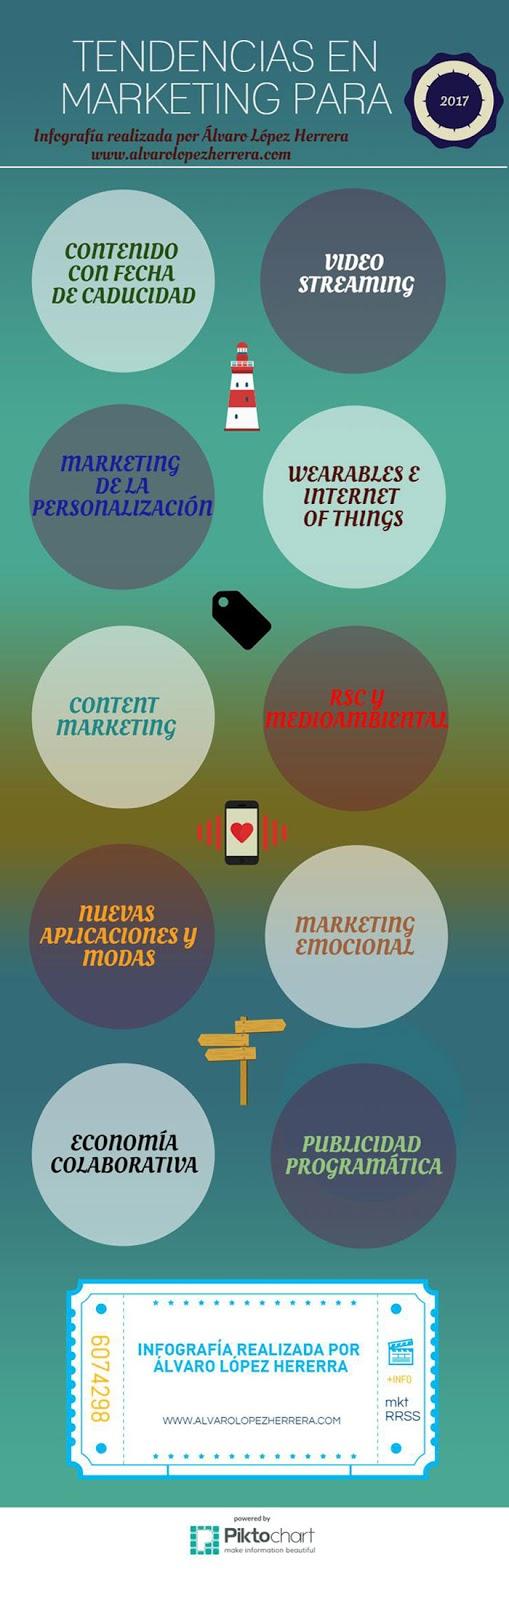 10 tendencias en marketing para 2017